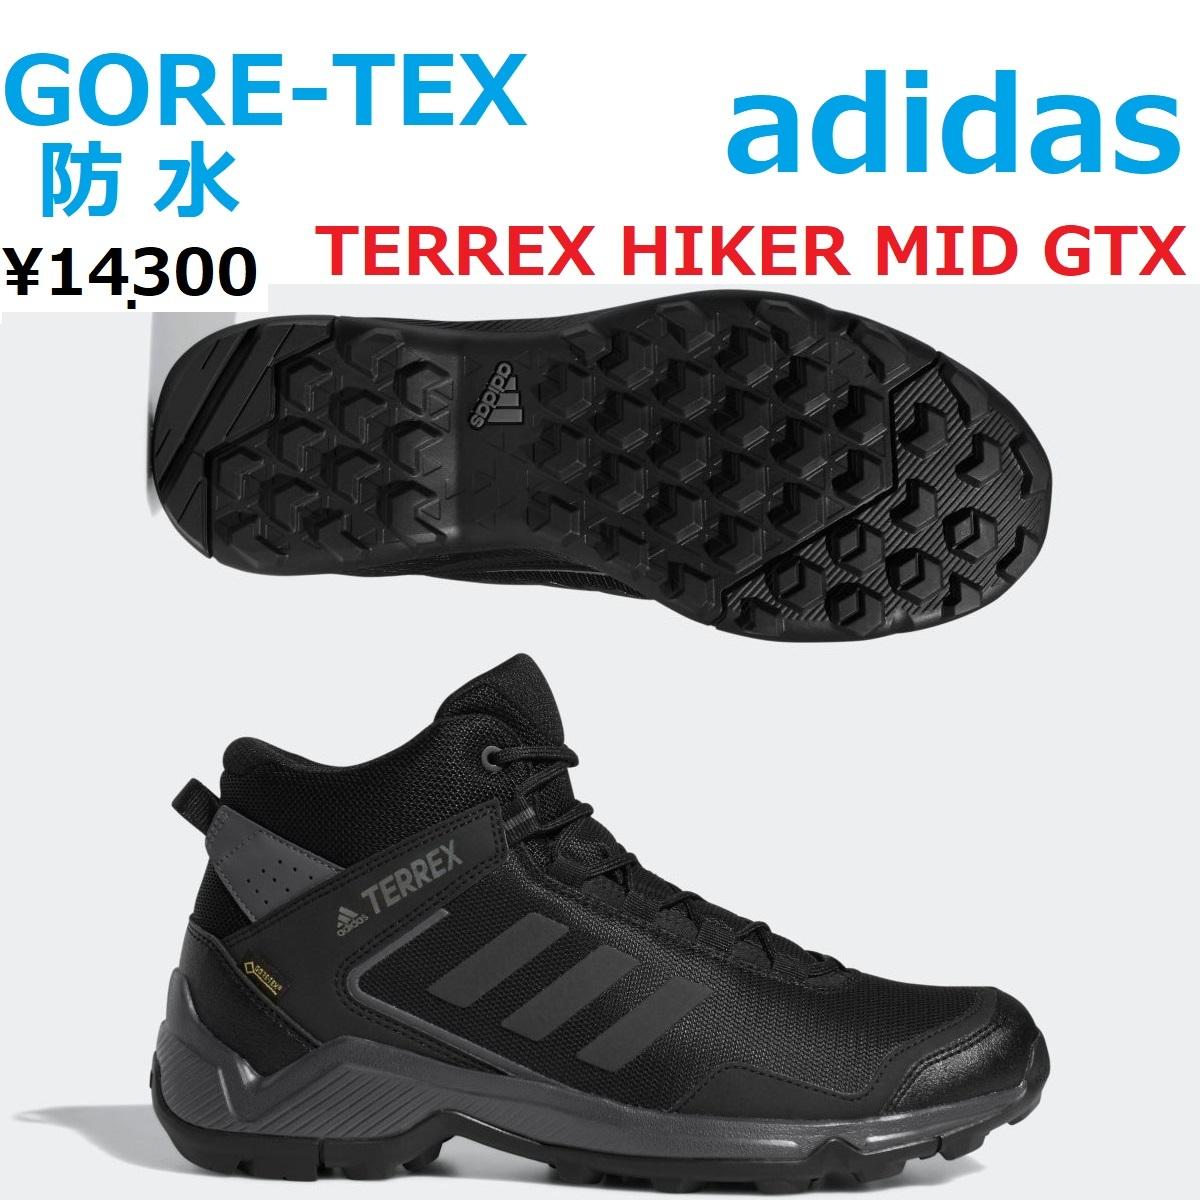 送料無料14300円→8970円即決 GORE-TEX ゴアテックス防水 アディダス adidas TERREX HIKER MID GTX アウトドア トレイル ハイキング ブーツ